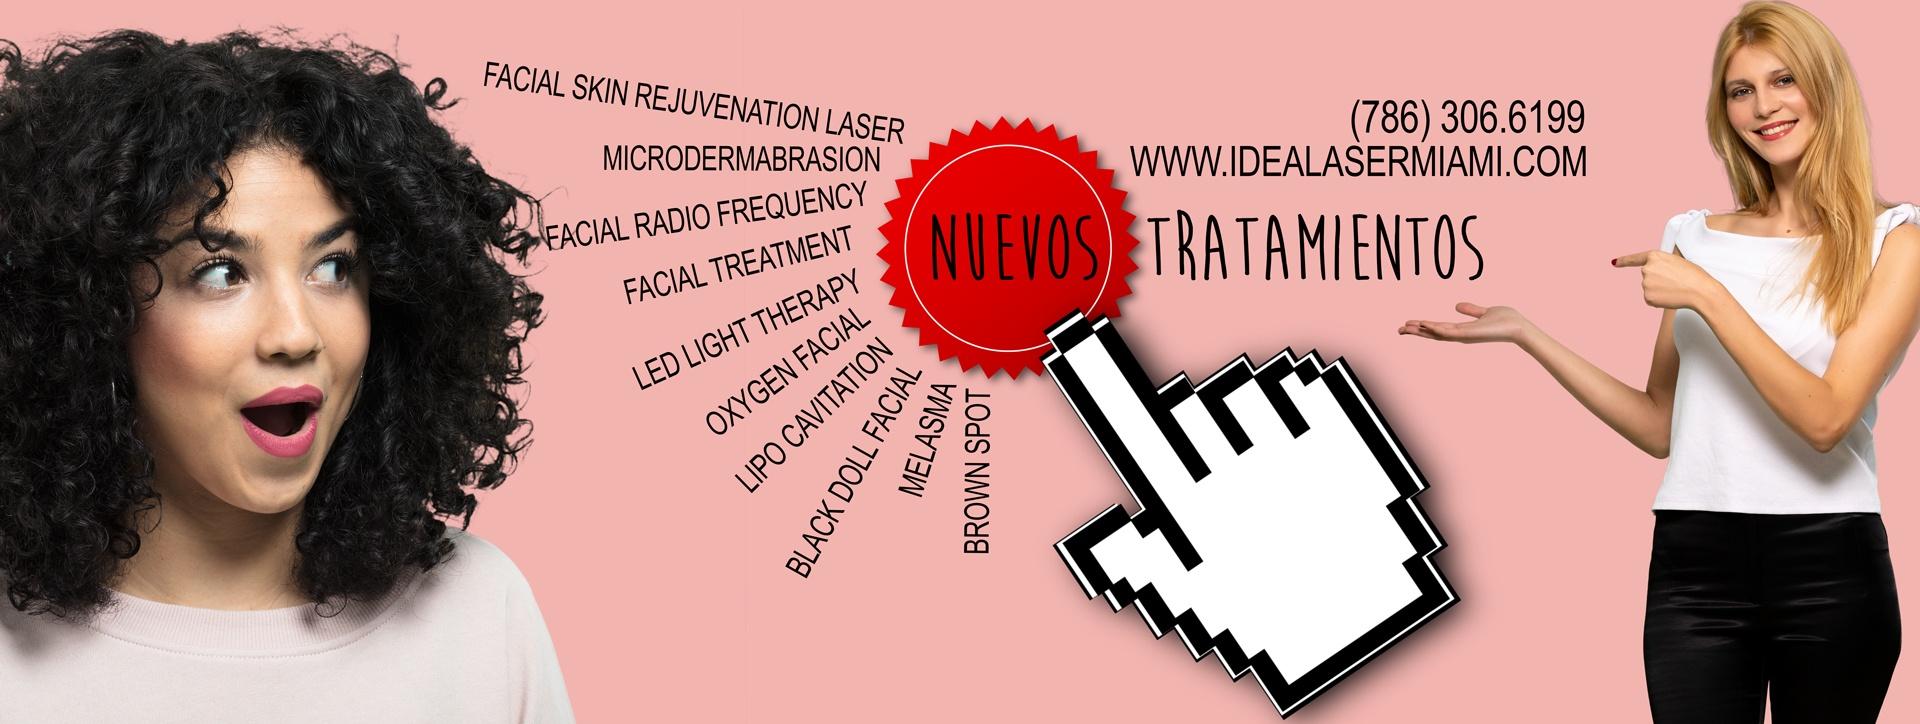 Tratamientos de belleza y cosméticos con tecnología láser.